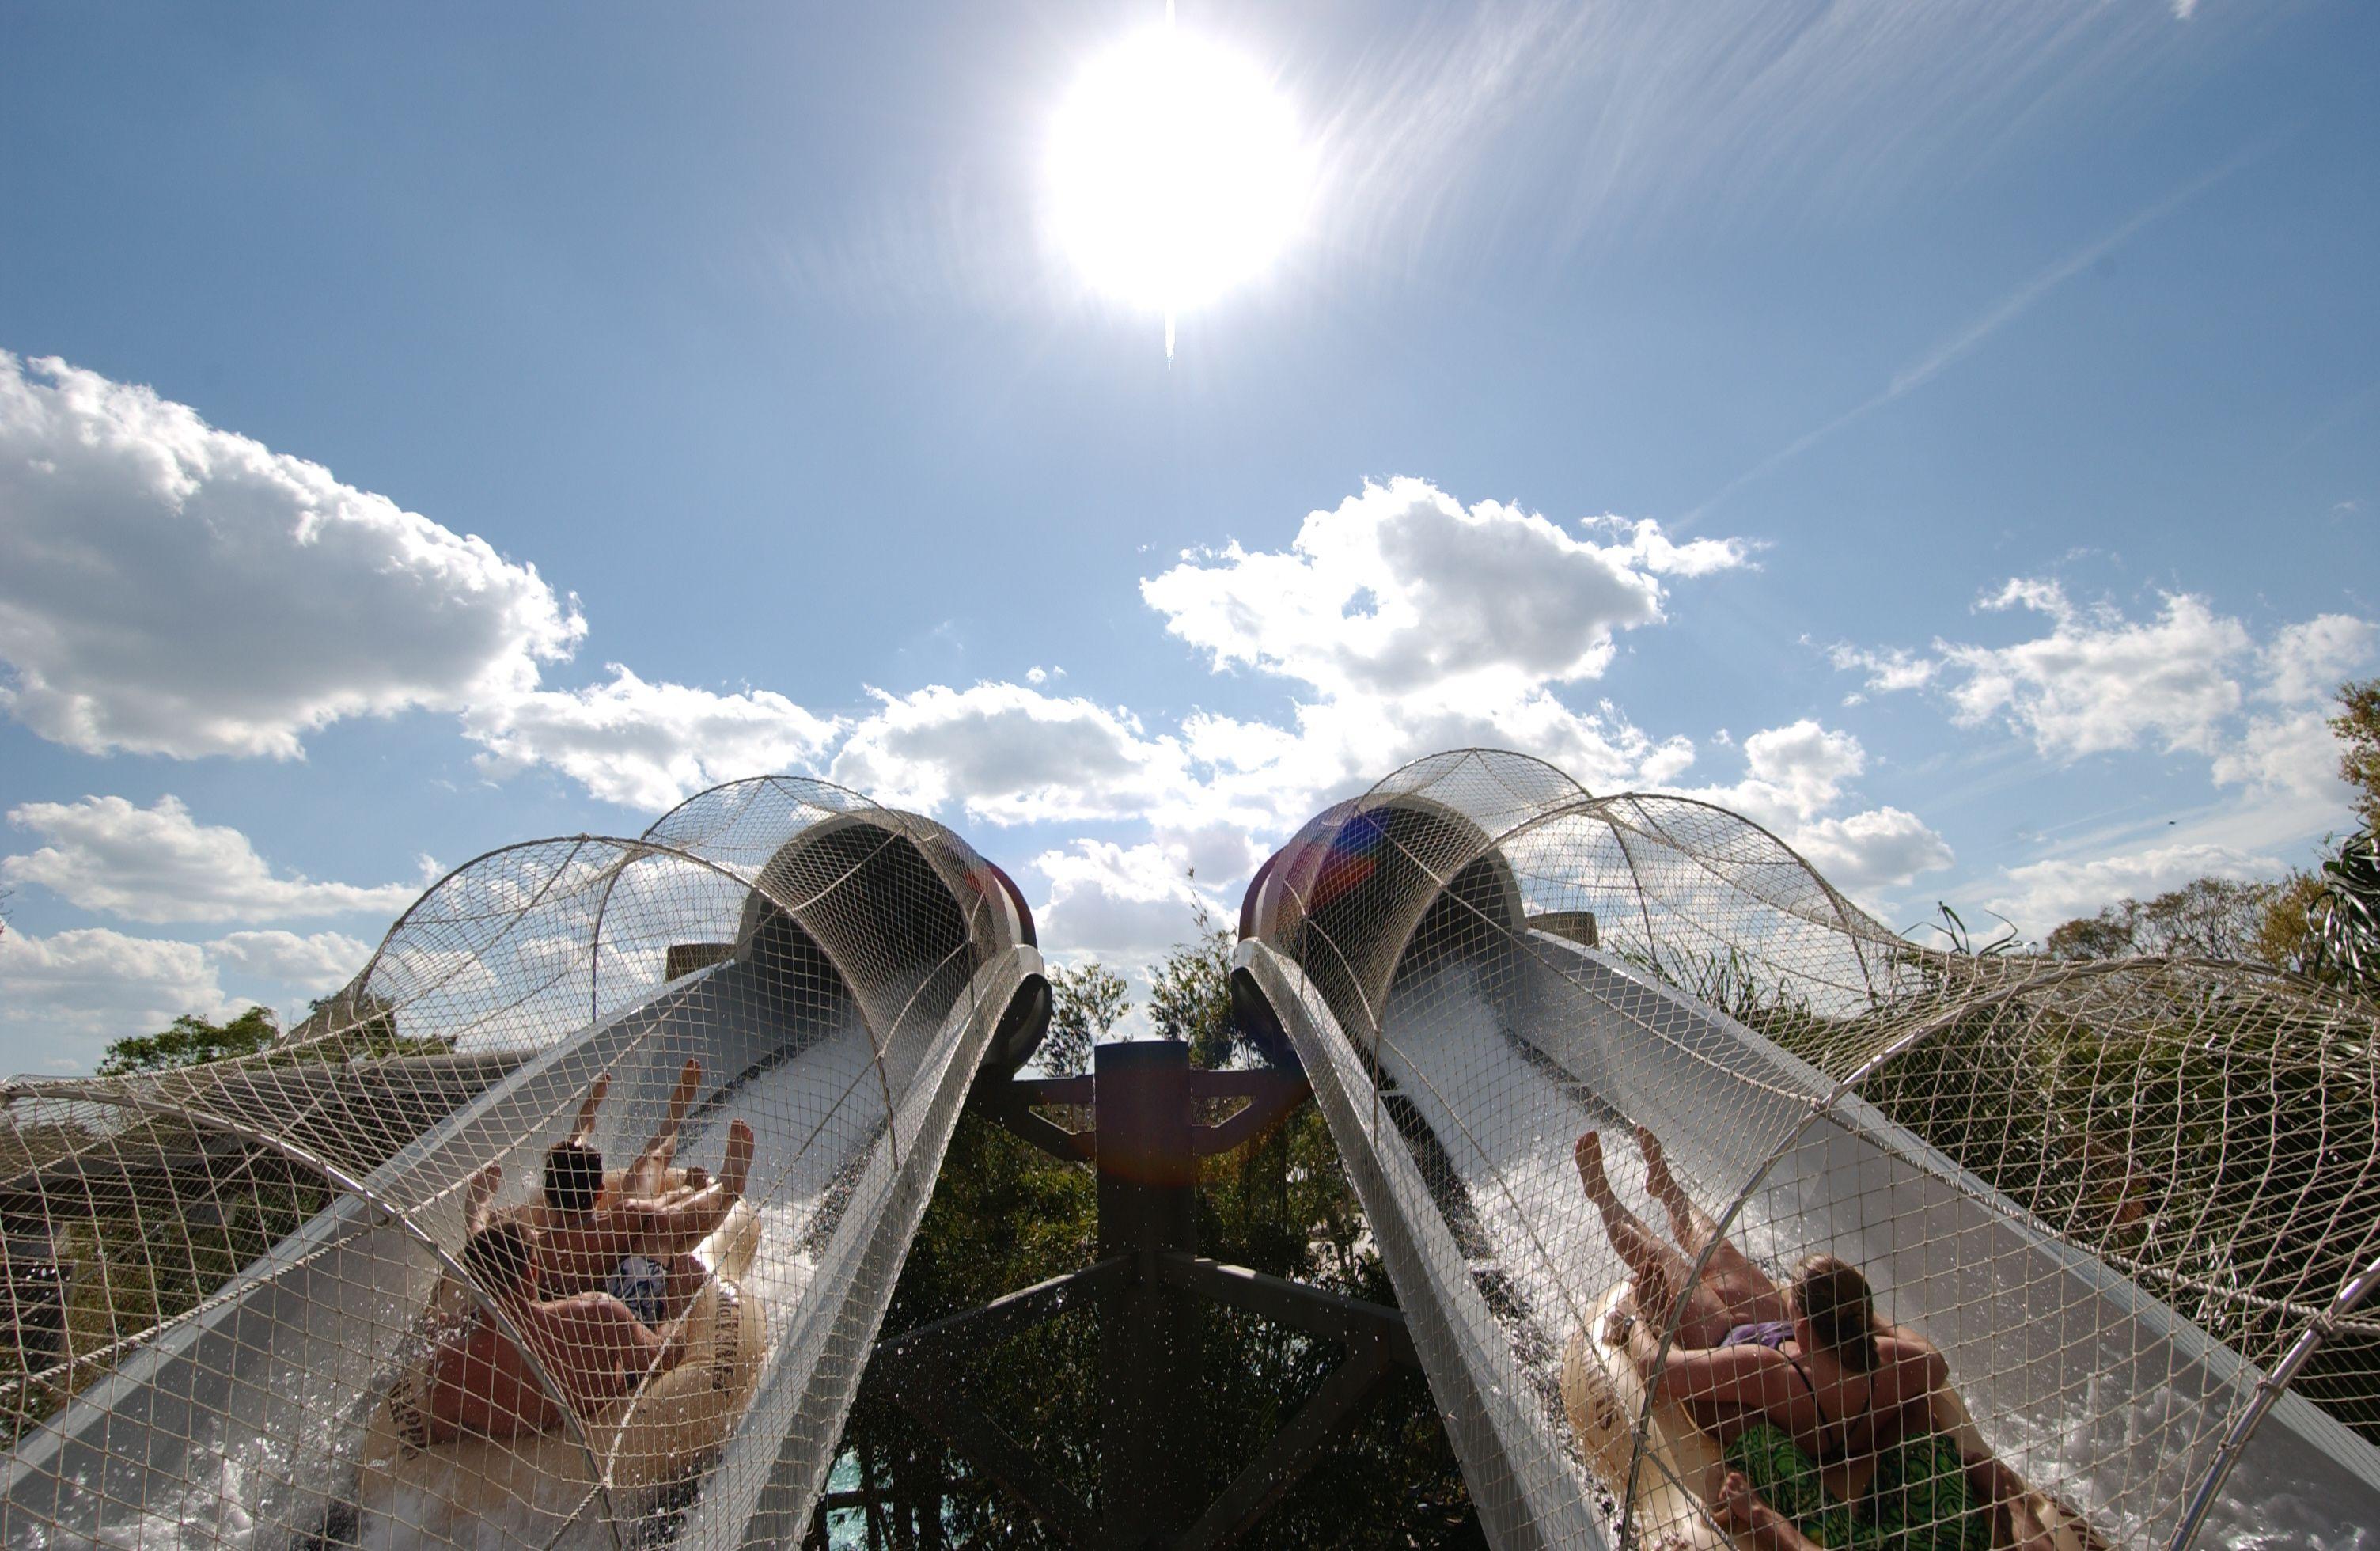 The Crush 'n' Gusher raft slide